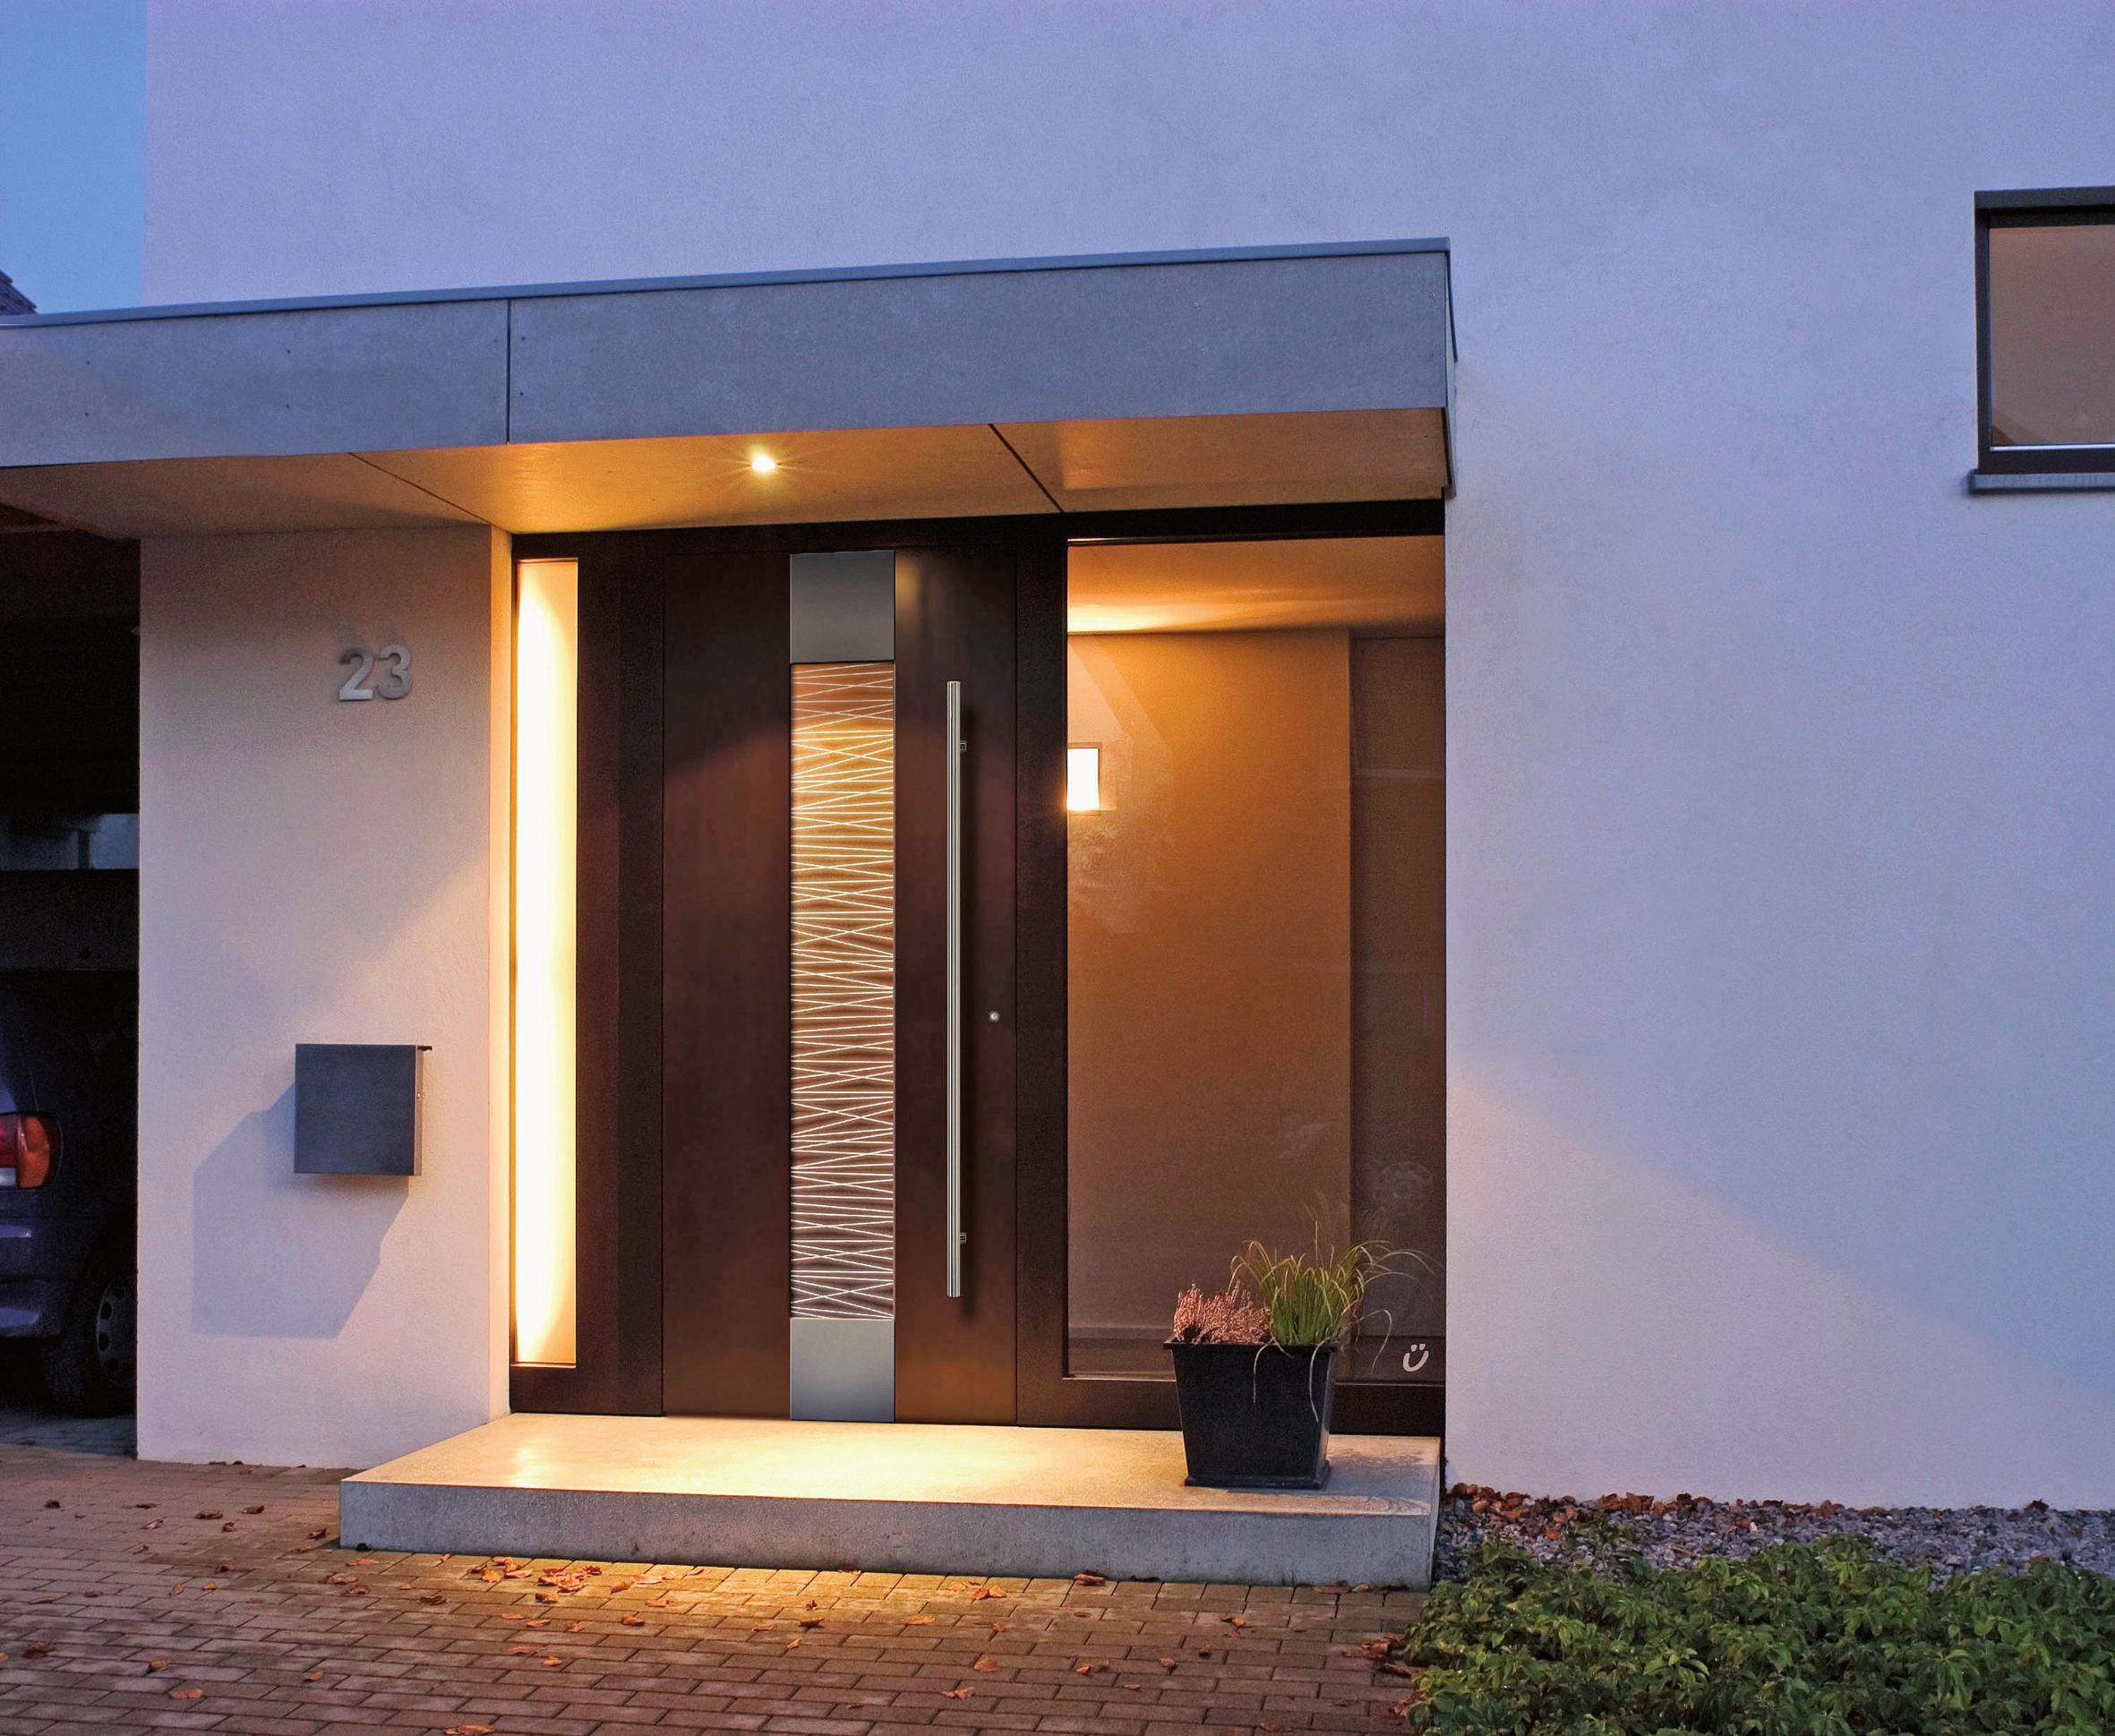 LED-Leuchten in der Haustür bereiten einen strahlenden Empfang. FOTO: EPR/RODENBERG